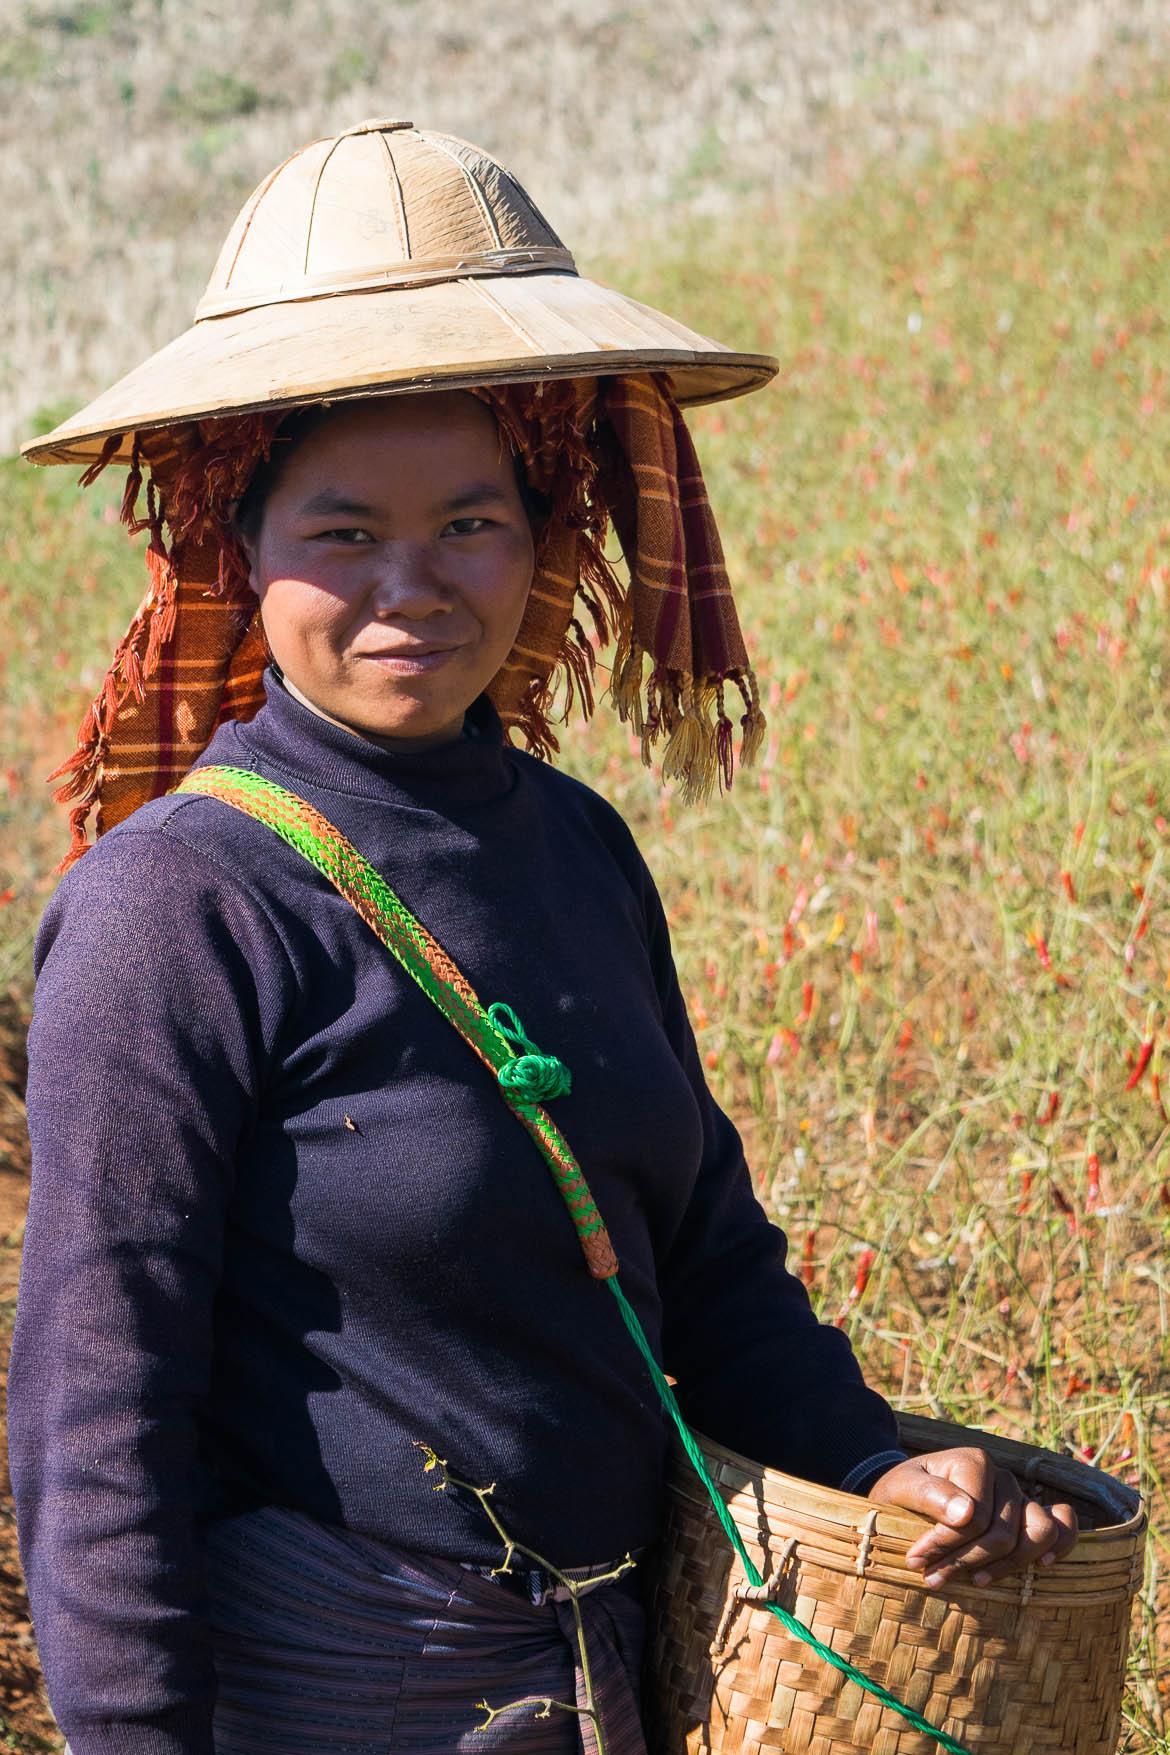 Birmane travaillant dans les champs de piment